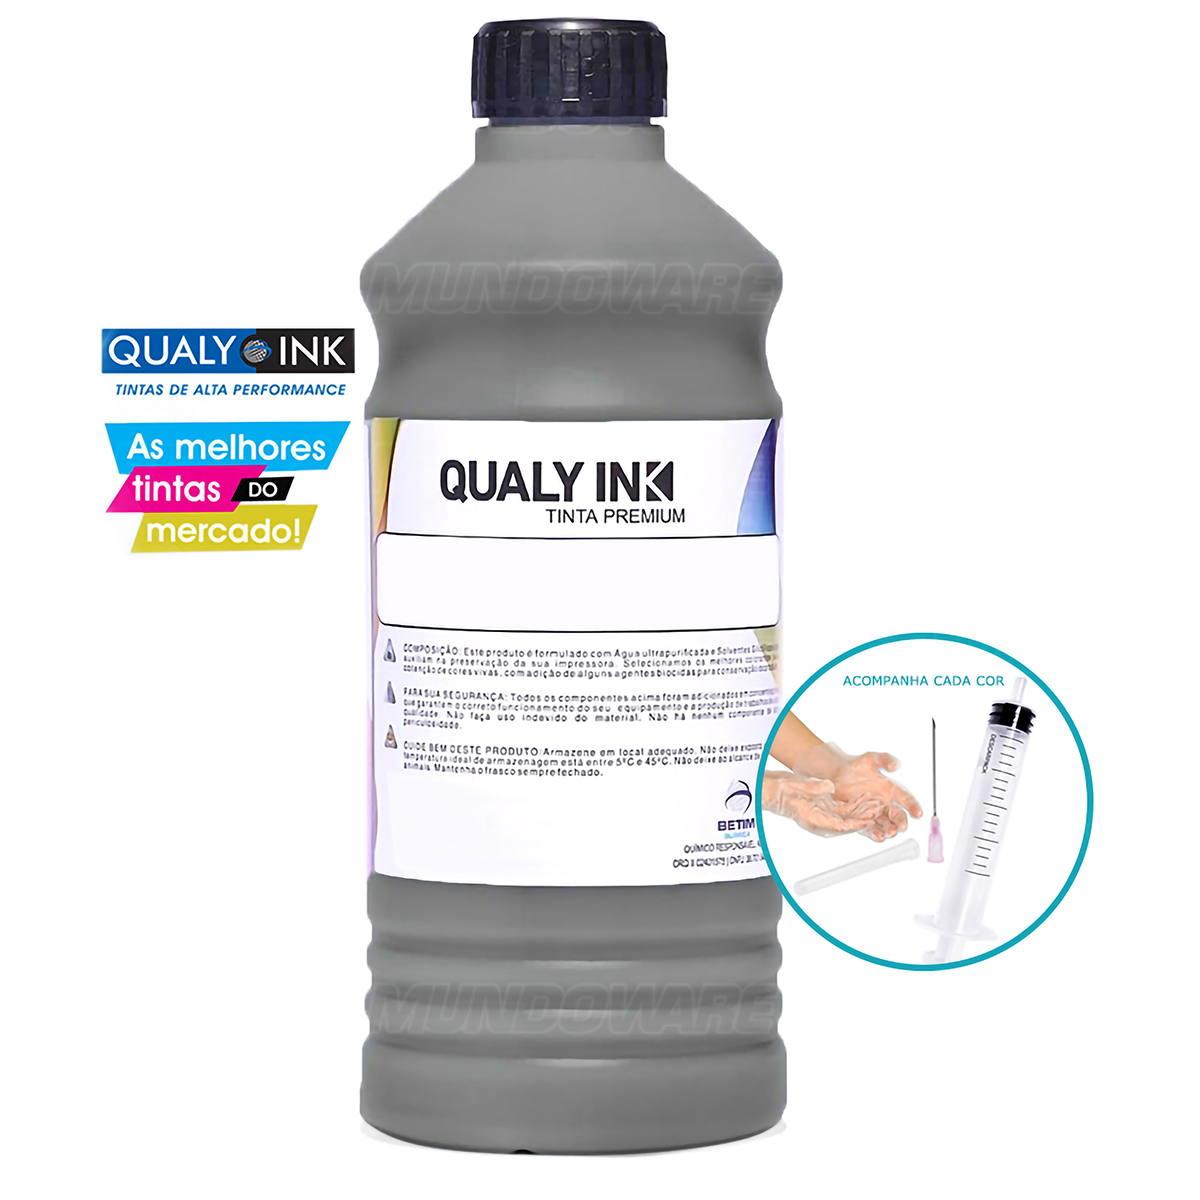 Compatível: Tinta Pigmentada Qualy-Ink BP3E-1532 Série 664 para Epson L355 L365 L375 L380 L565 L575 Preto 1L